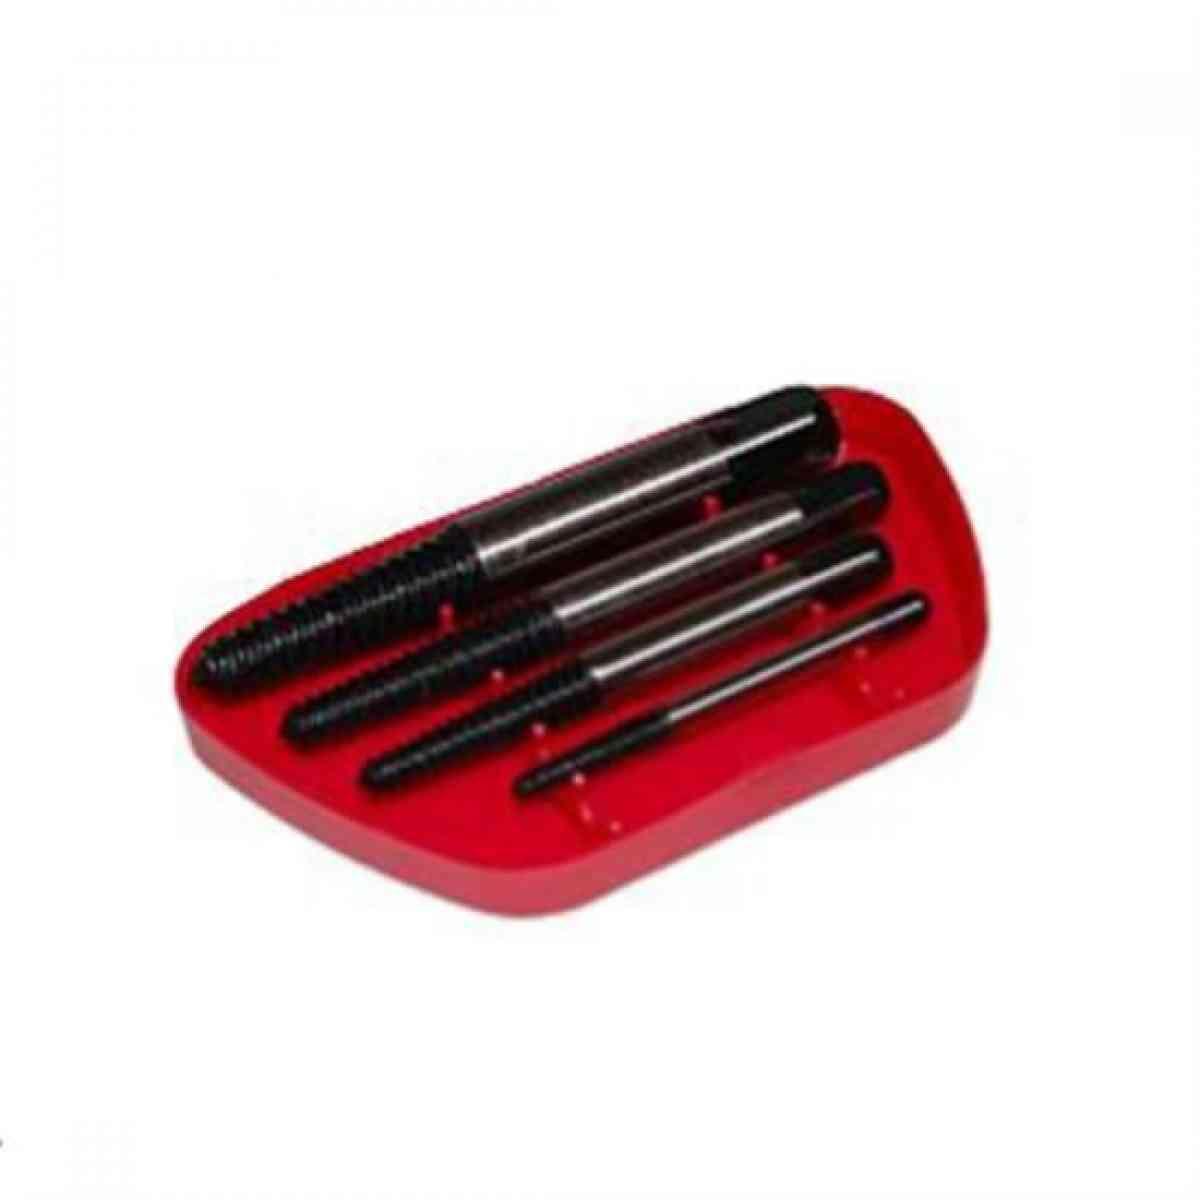 Extrator Para Parafuso quebrado Com 5 Peça 1/8 a 3/4 lee tools 683838